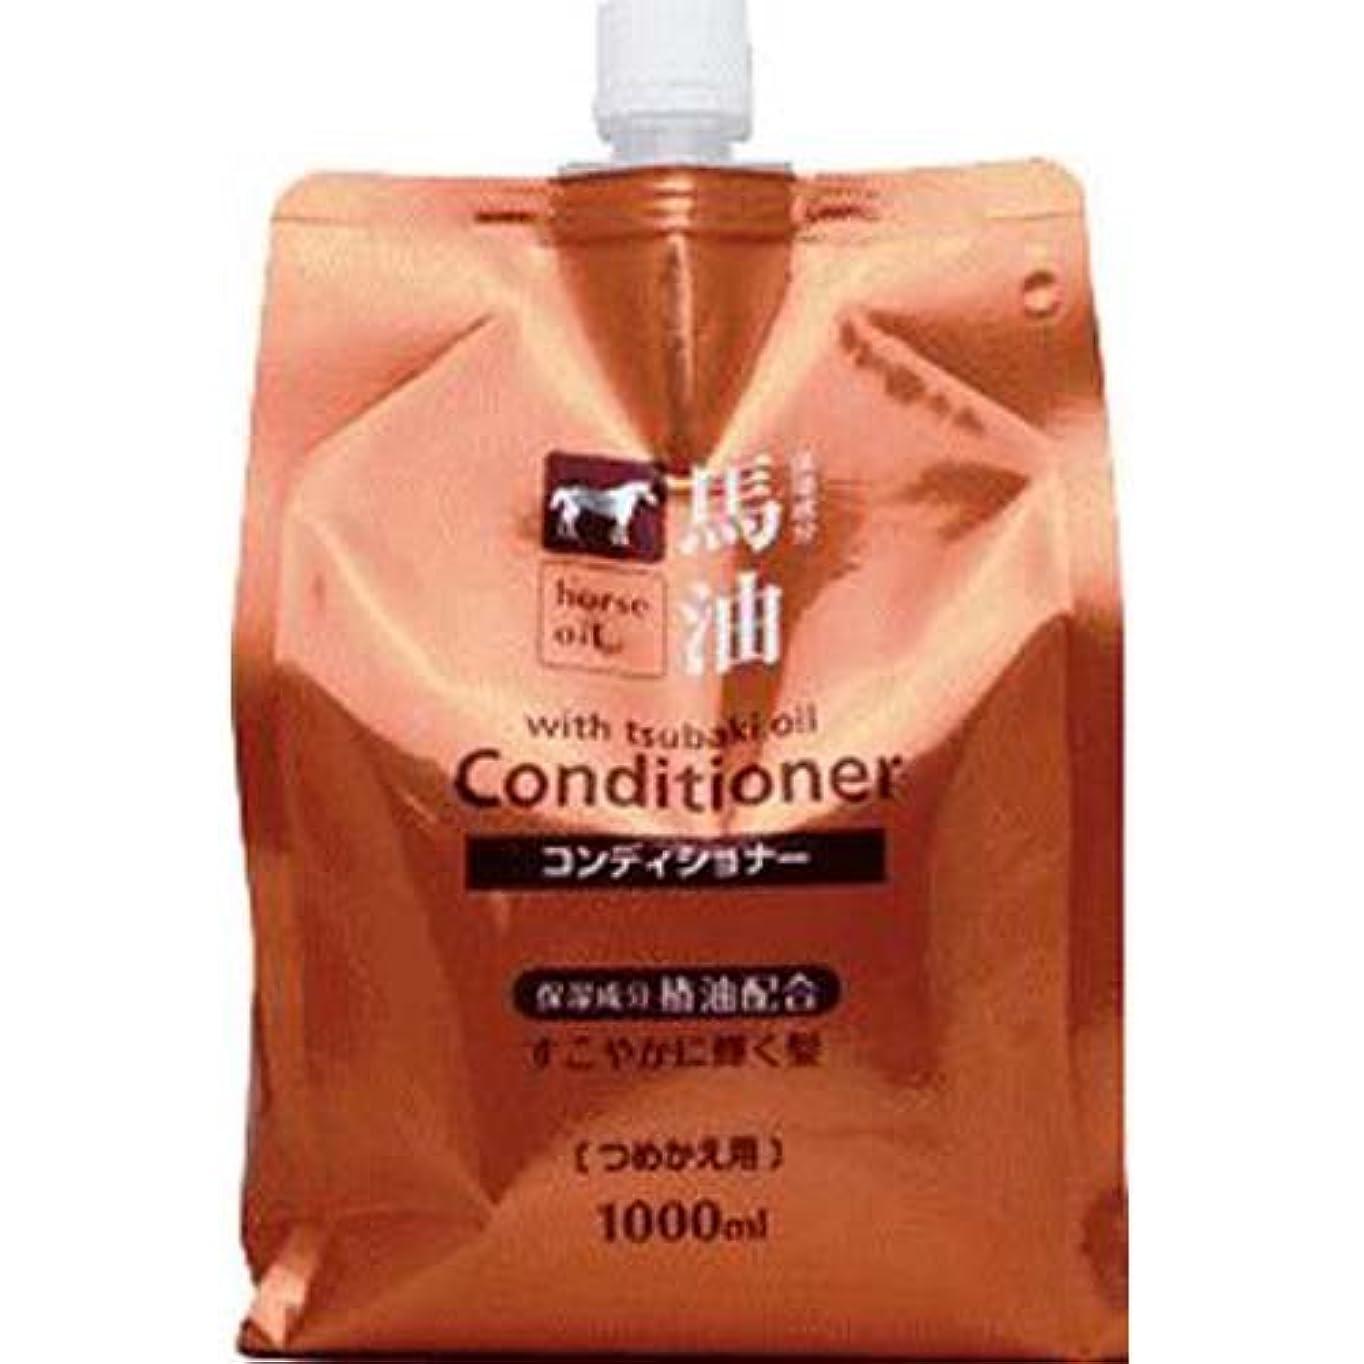 提出する思いやりのあるコア熊野油脂 馬油コンディショナー つめかえ用 1000ml